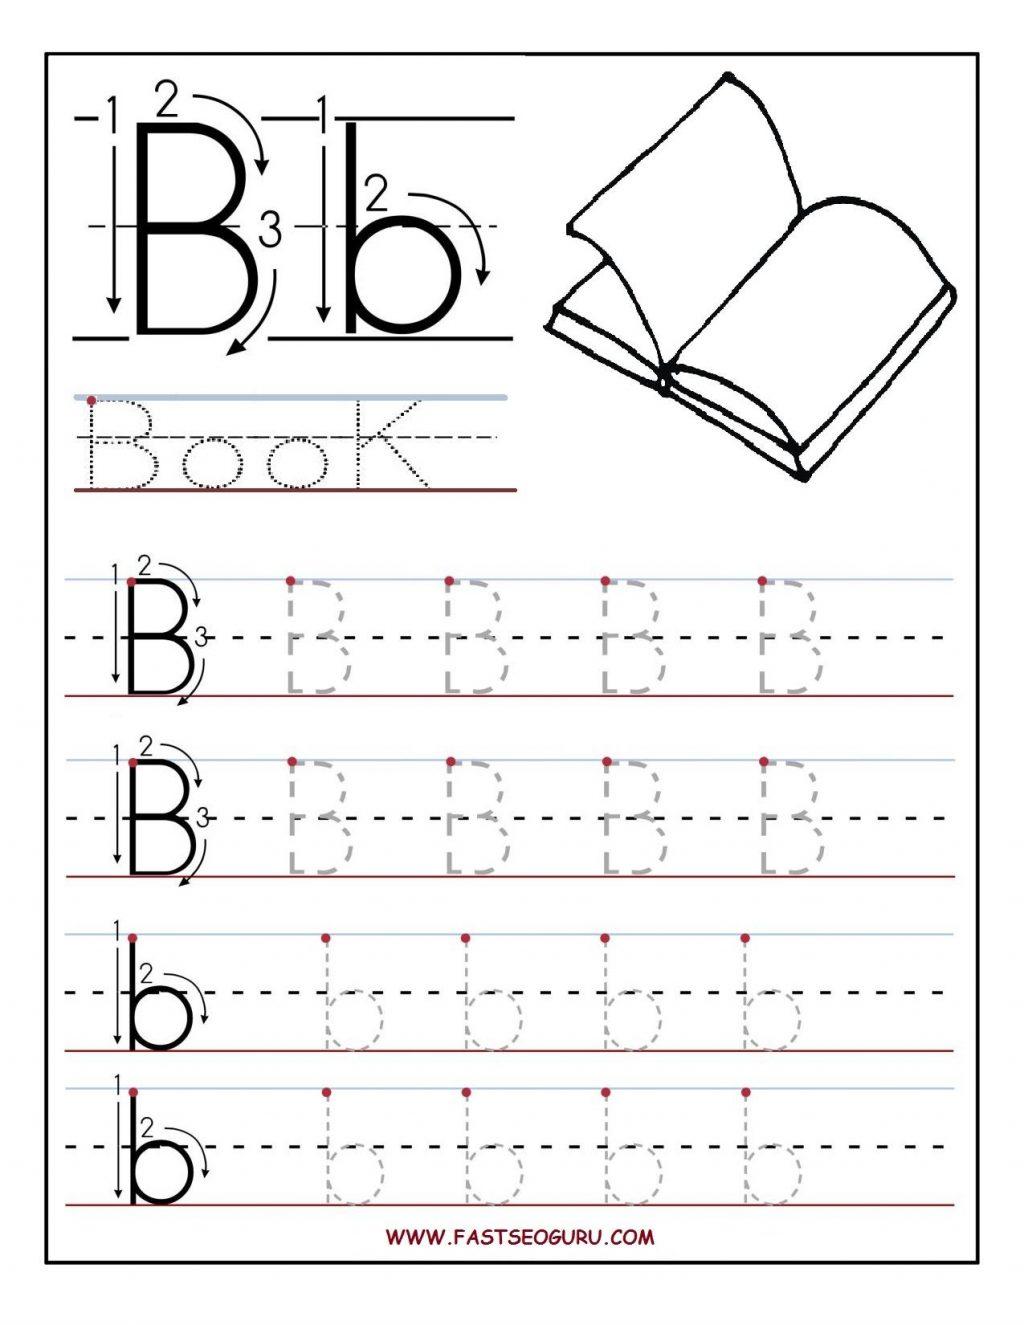 Worksheet Excelent Letter Tracing Worksheets Free Photo inside Pre K Alphabet Worksheets